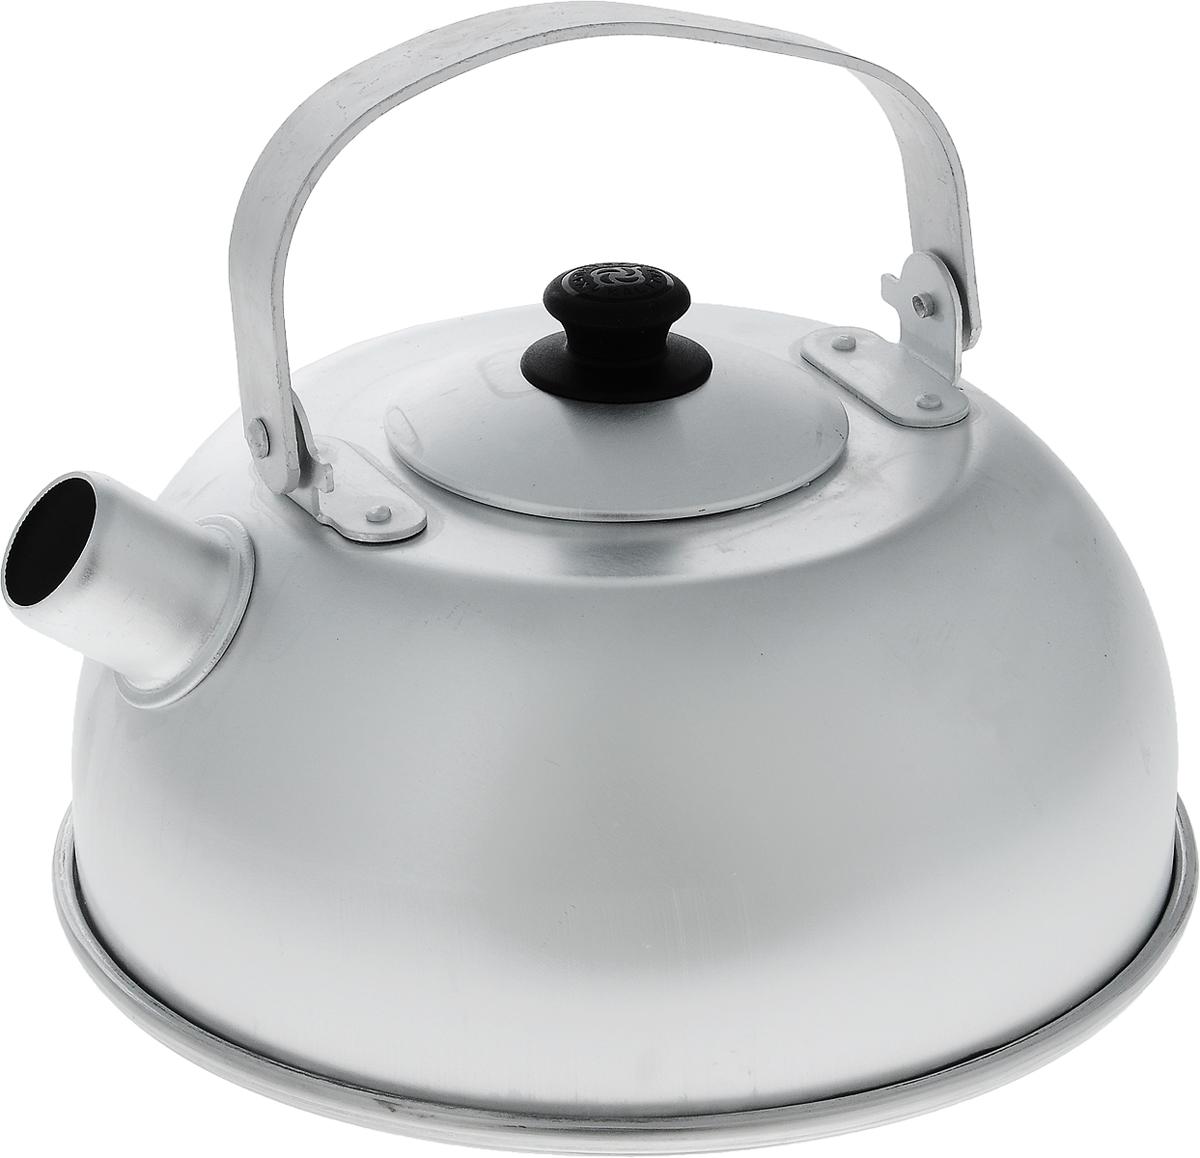 Чайник Kalitva, 5 л18502Чайник Kalitva выполнен из высококачественного литого алюминия. Благодаря хорошей теплопроводности алюминия, вода закипает в нем быстрее, чем в эмалированных чайниках. Изделие оснащено крышкой и удобной ручкой. Поверхность чайника гладкая, что облегчает уход за ним. Эстетичный и функциональный чайник будет оригинально смотреться в любом интерьере. Подходит для газовых, электрических и стеклокерамических плит. Высота чайника (без учета ручки и крышки): 11 см. Высота чайника (с учетом ручки и крышки): 22 см. Диаметр чайника (по верхнему краю): 10 см. Диаметр основания: 21,5 см.